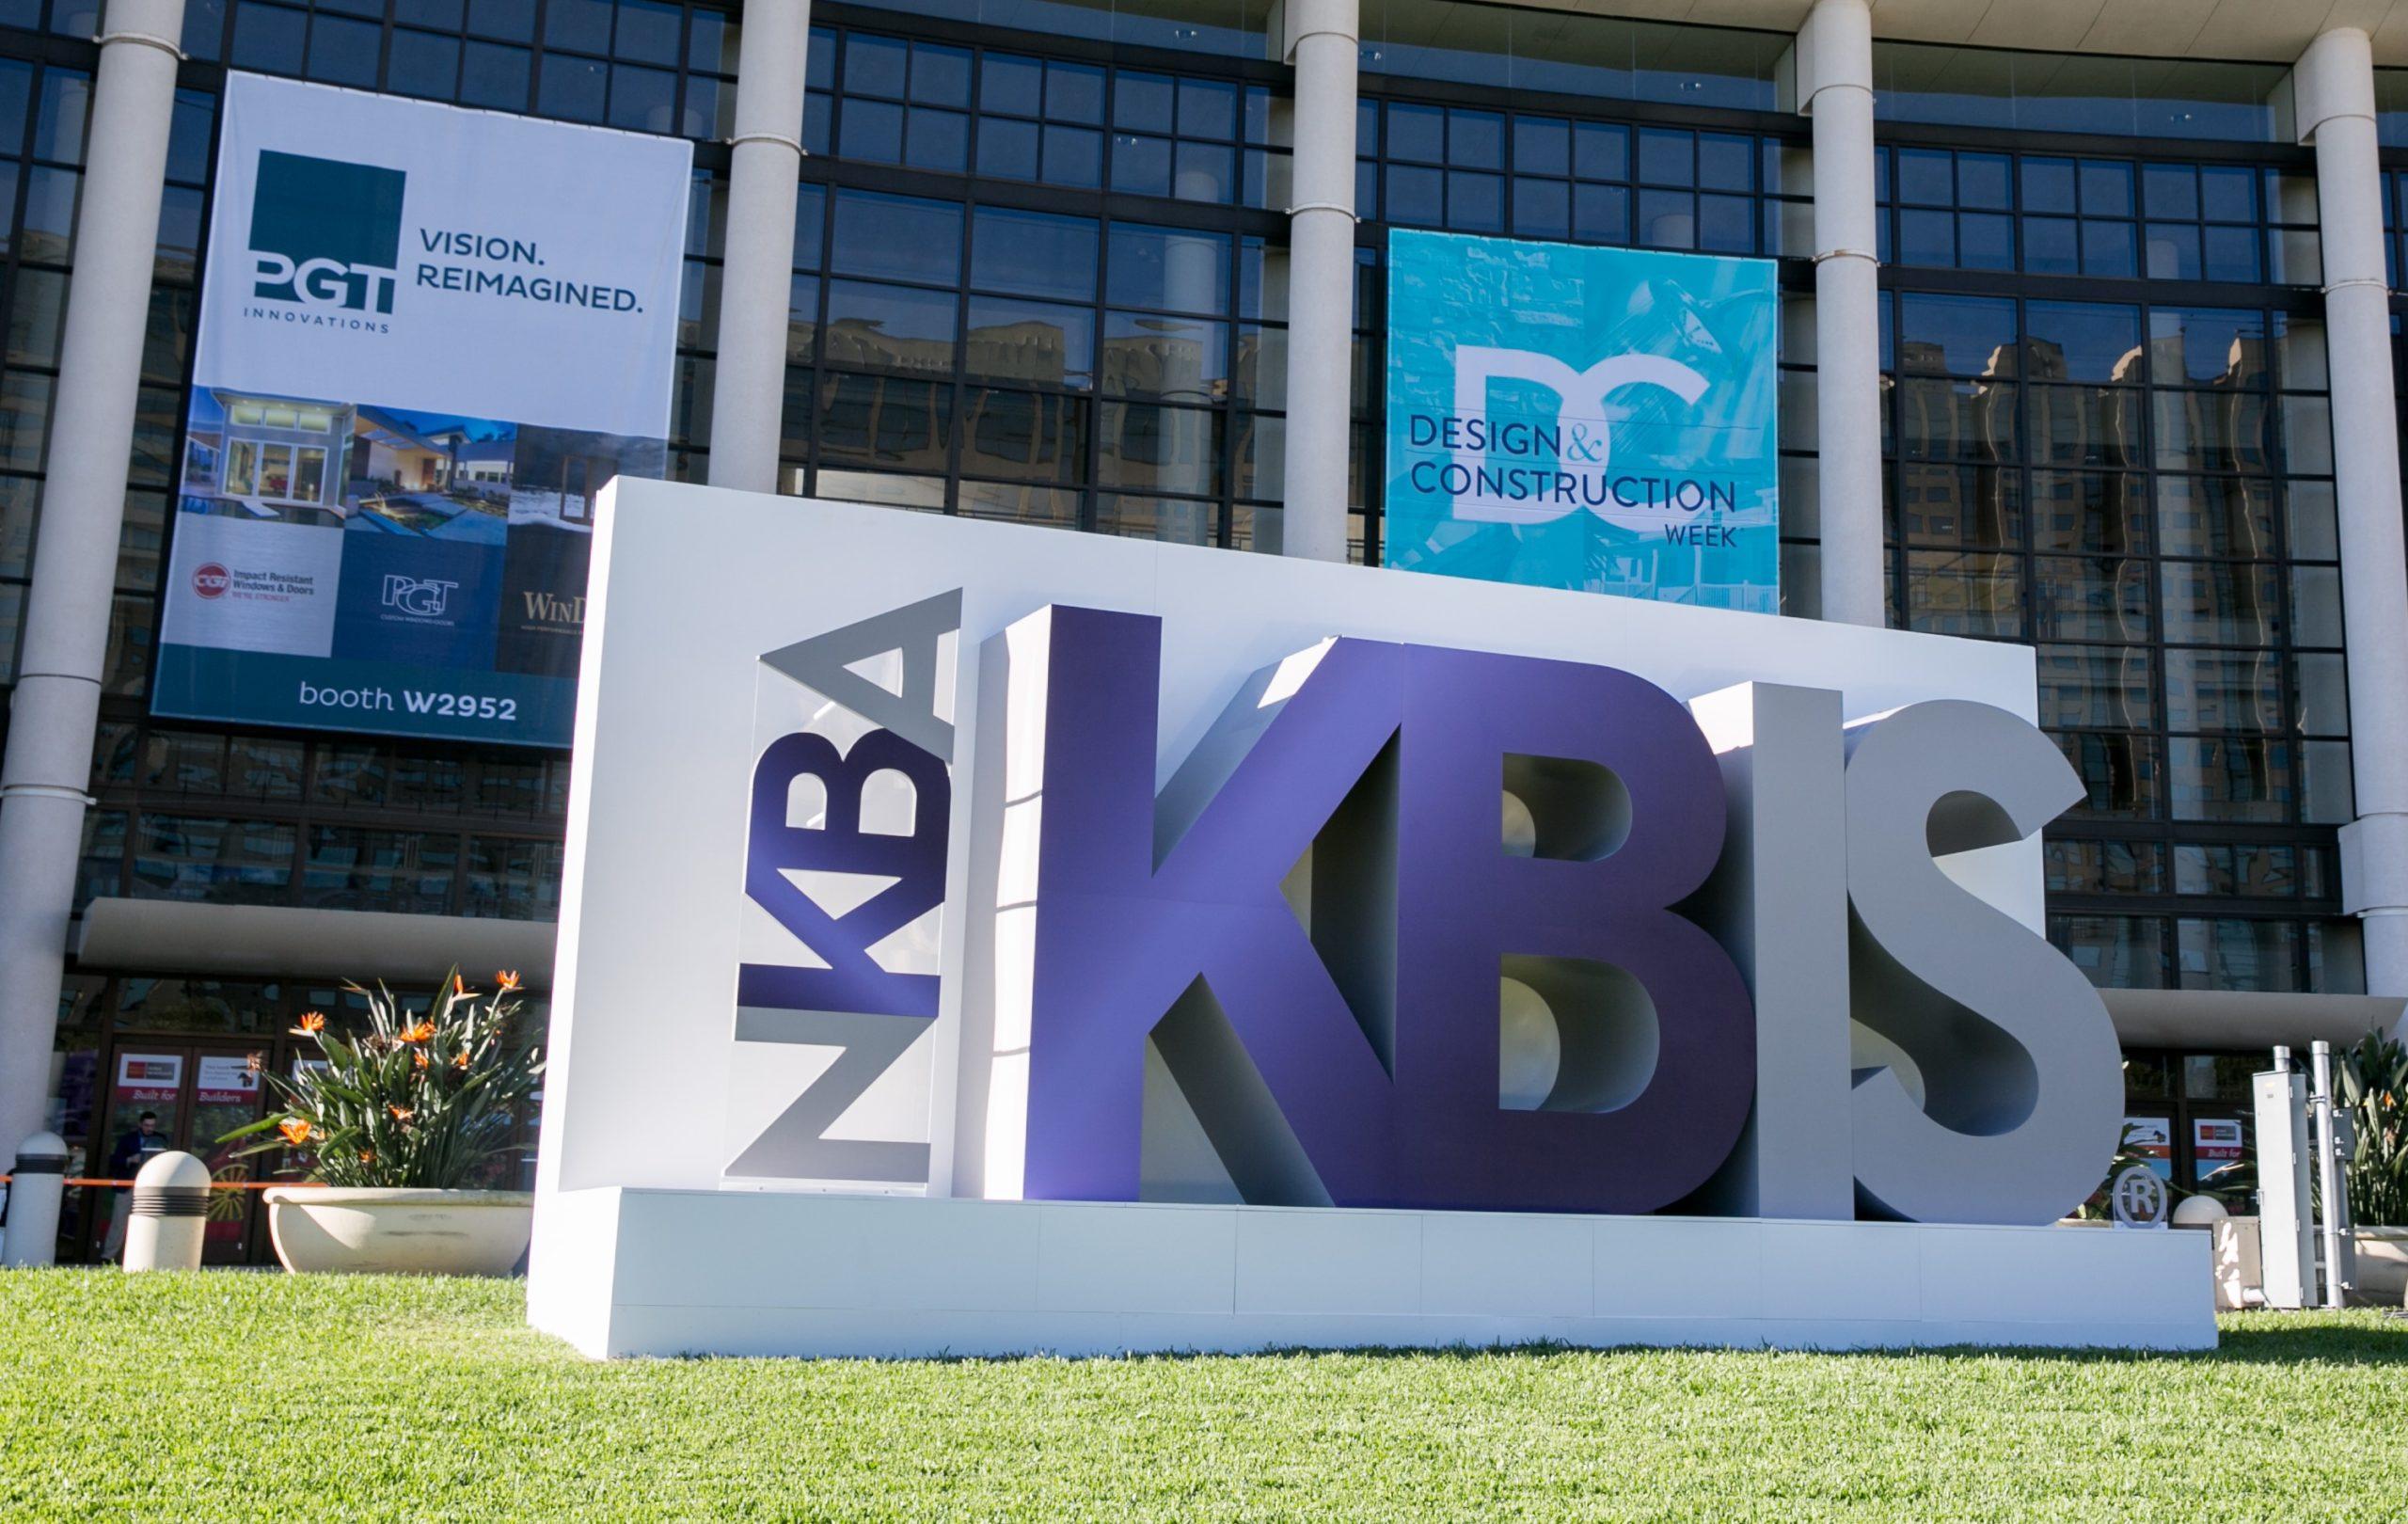 KBIS 2021 in Orlando, FL